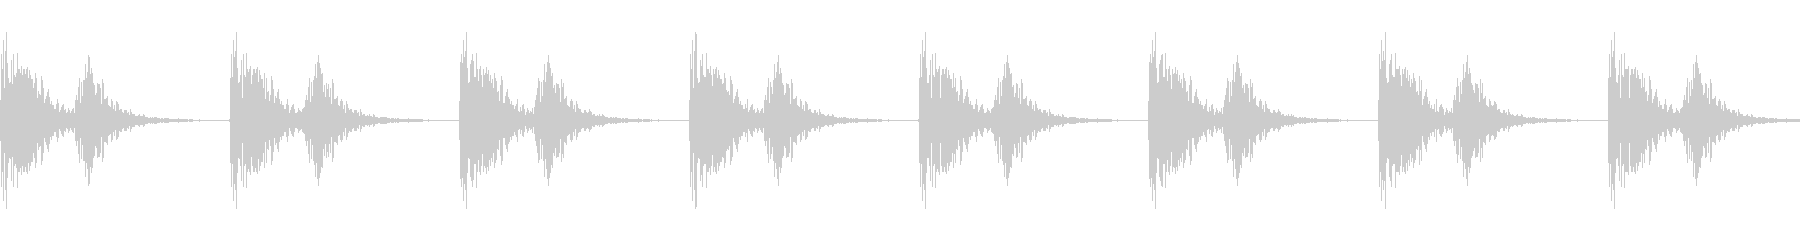 シューティング発射音(連射)の未再生の波形